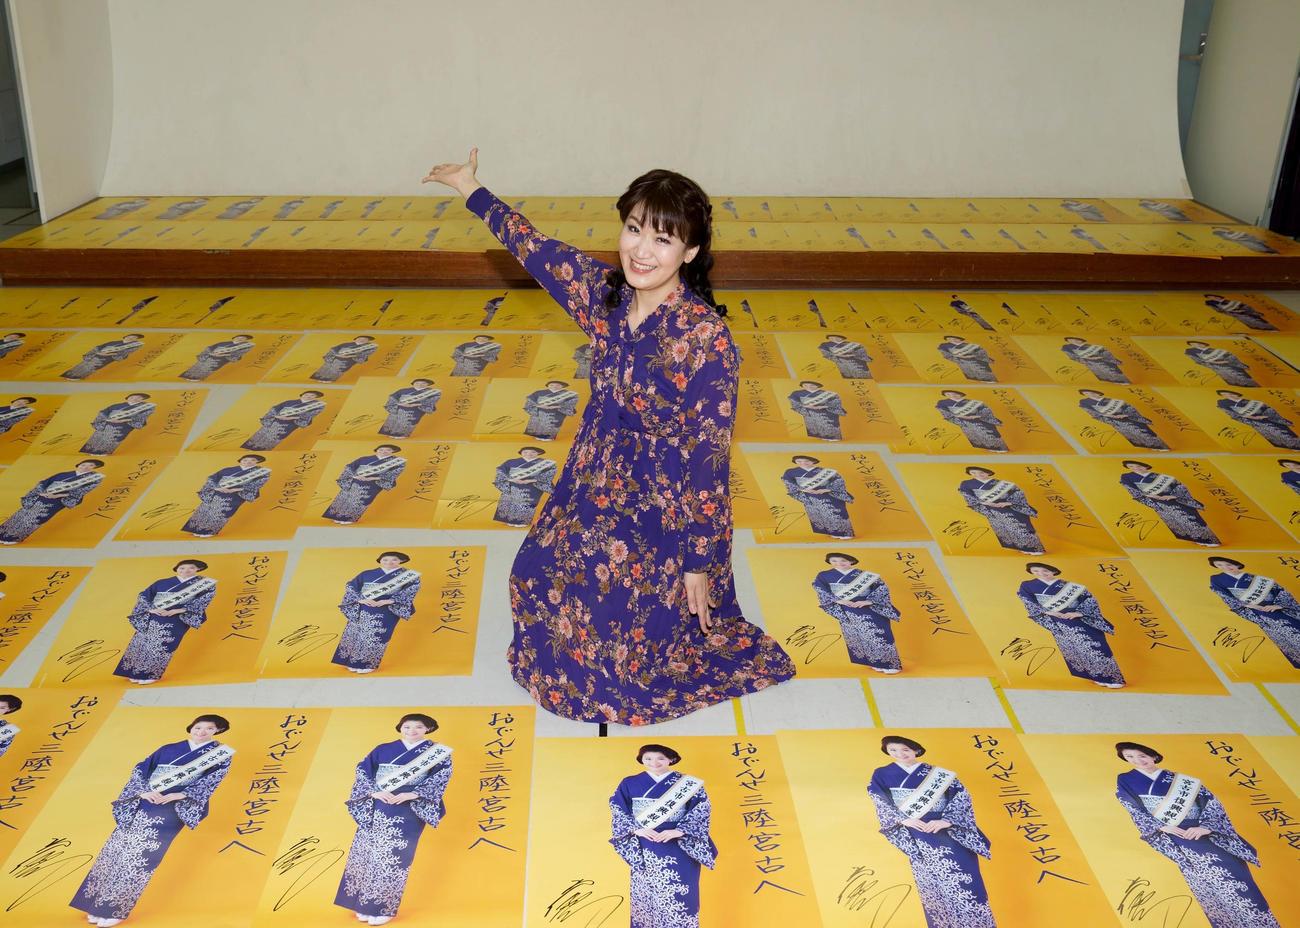 復興親善大使を務める岩手・宮古市へ、1500枚のポスターに直筆サイン入れを行いエールを送った市川由紀乃